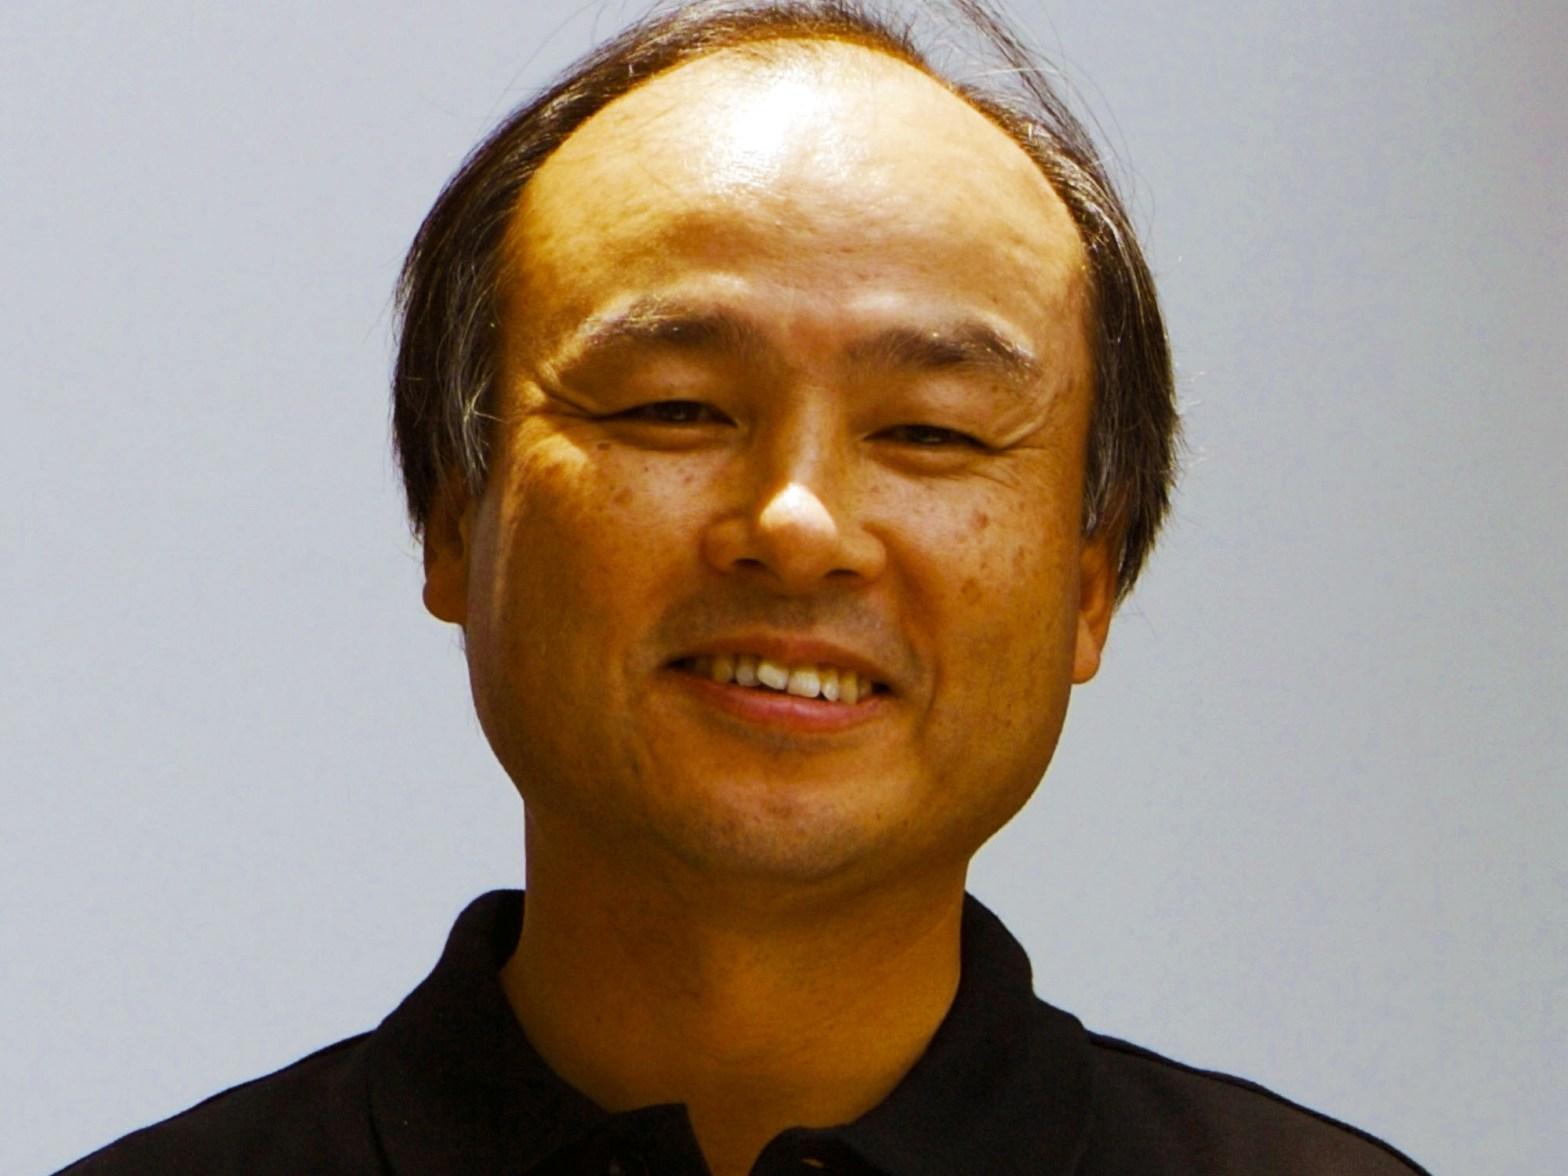 Masayoshi Son Source: Masaru Kamikura via Wikipedia